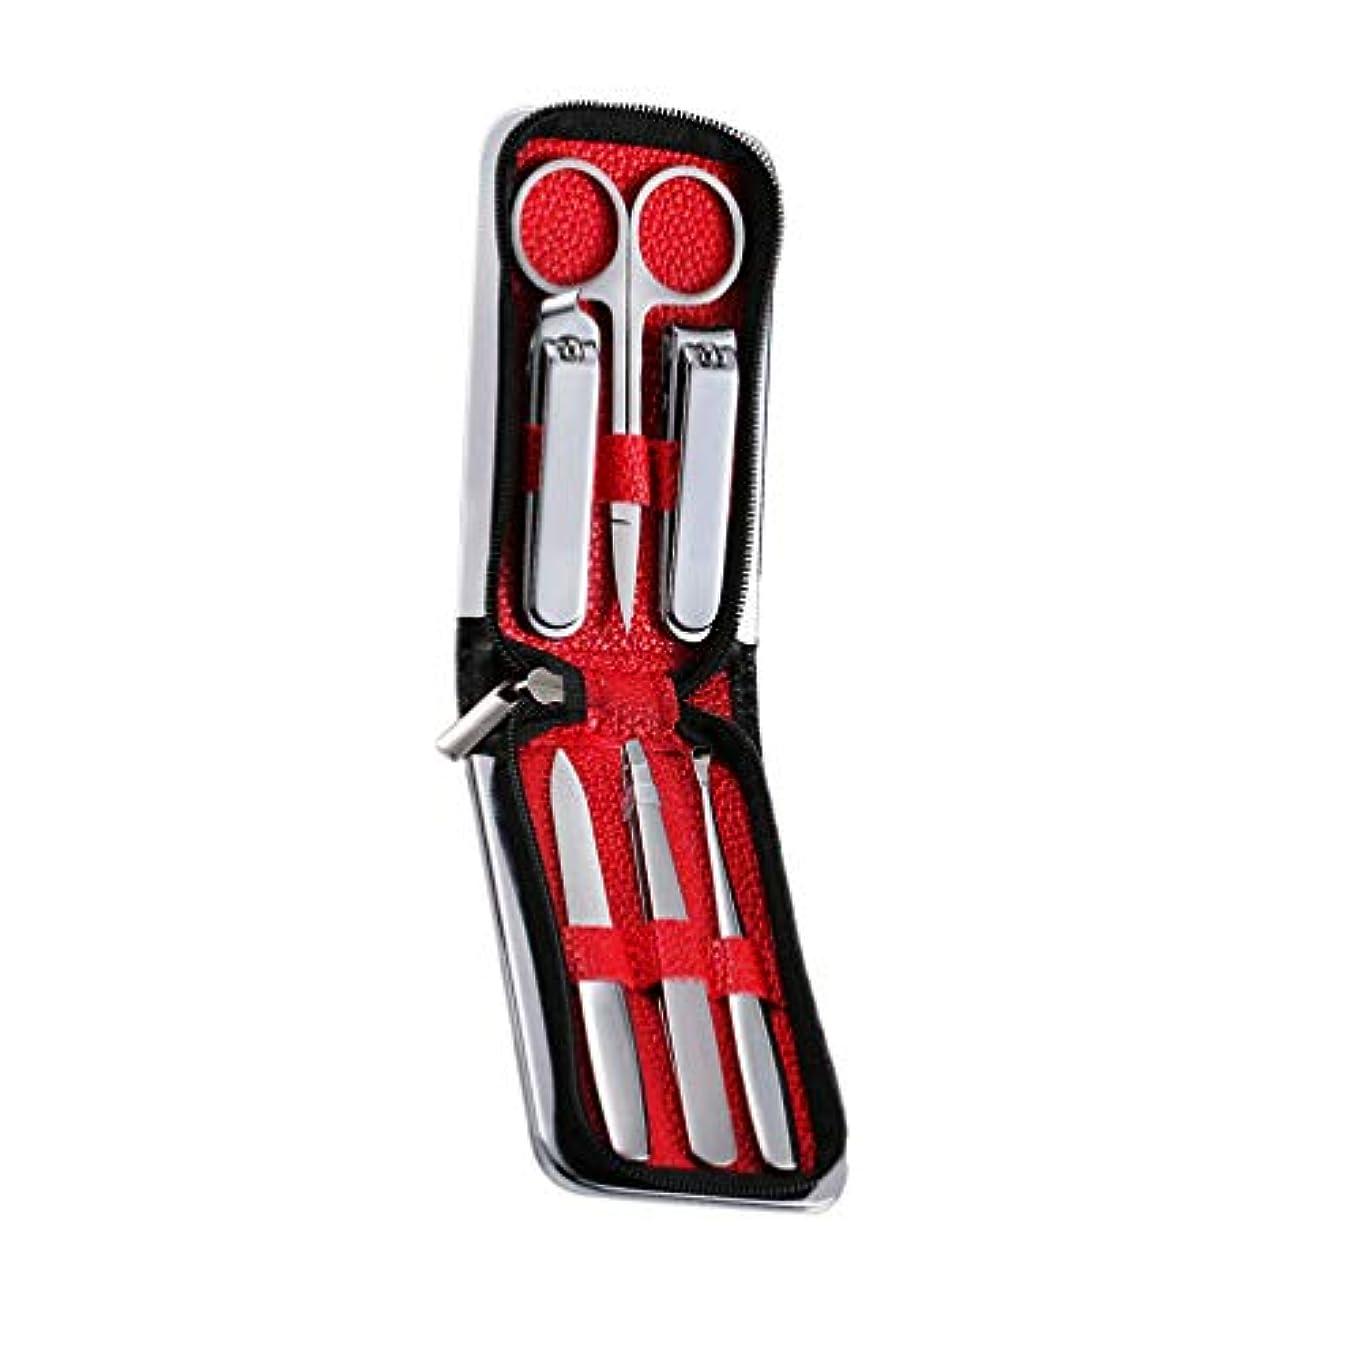 人工不快な巻き取りSUPVOX 爪切りは爪足の爪レザートラベルケース用マニキュアキットを設定します